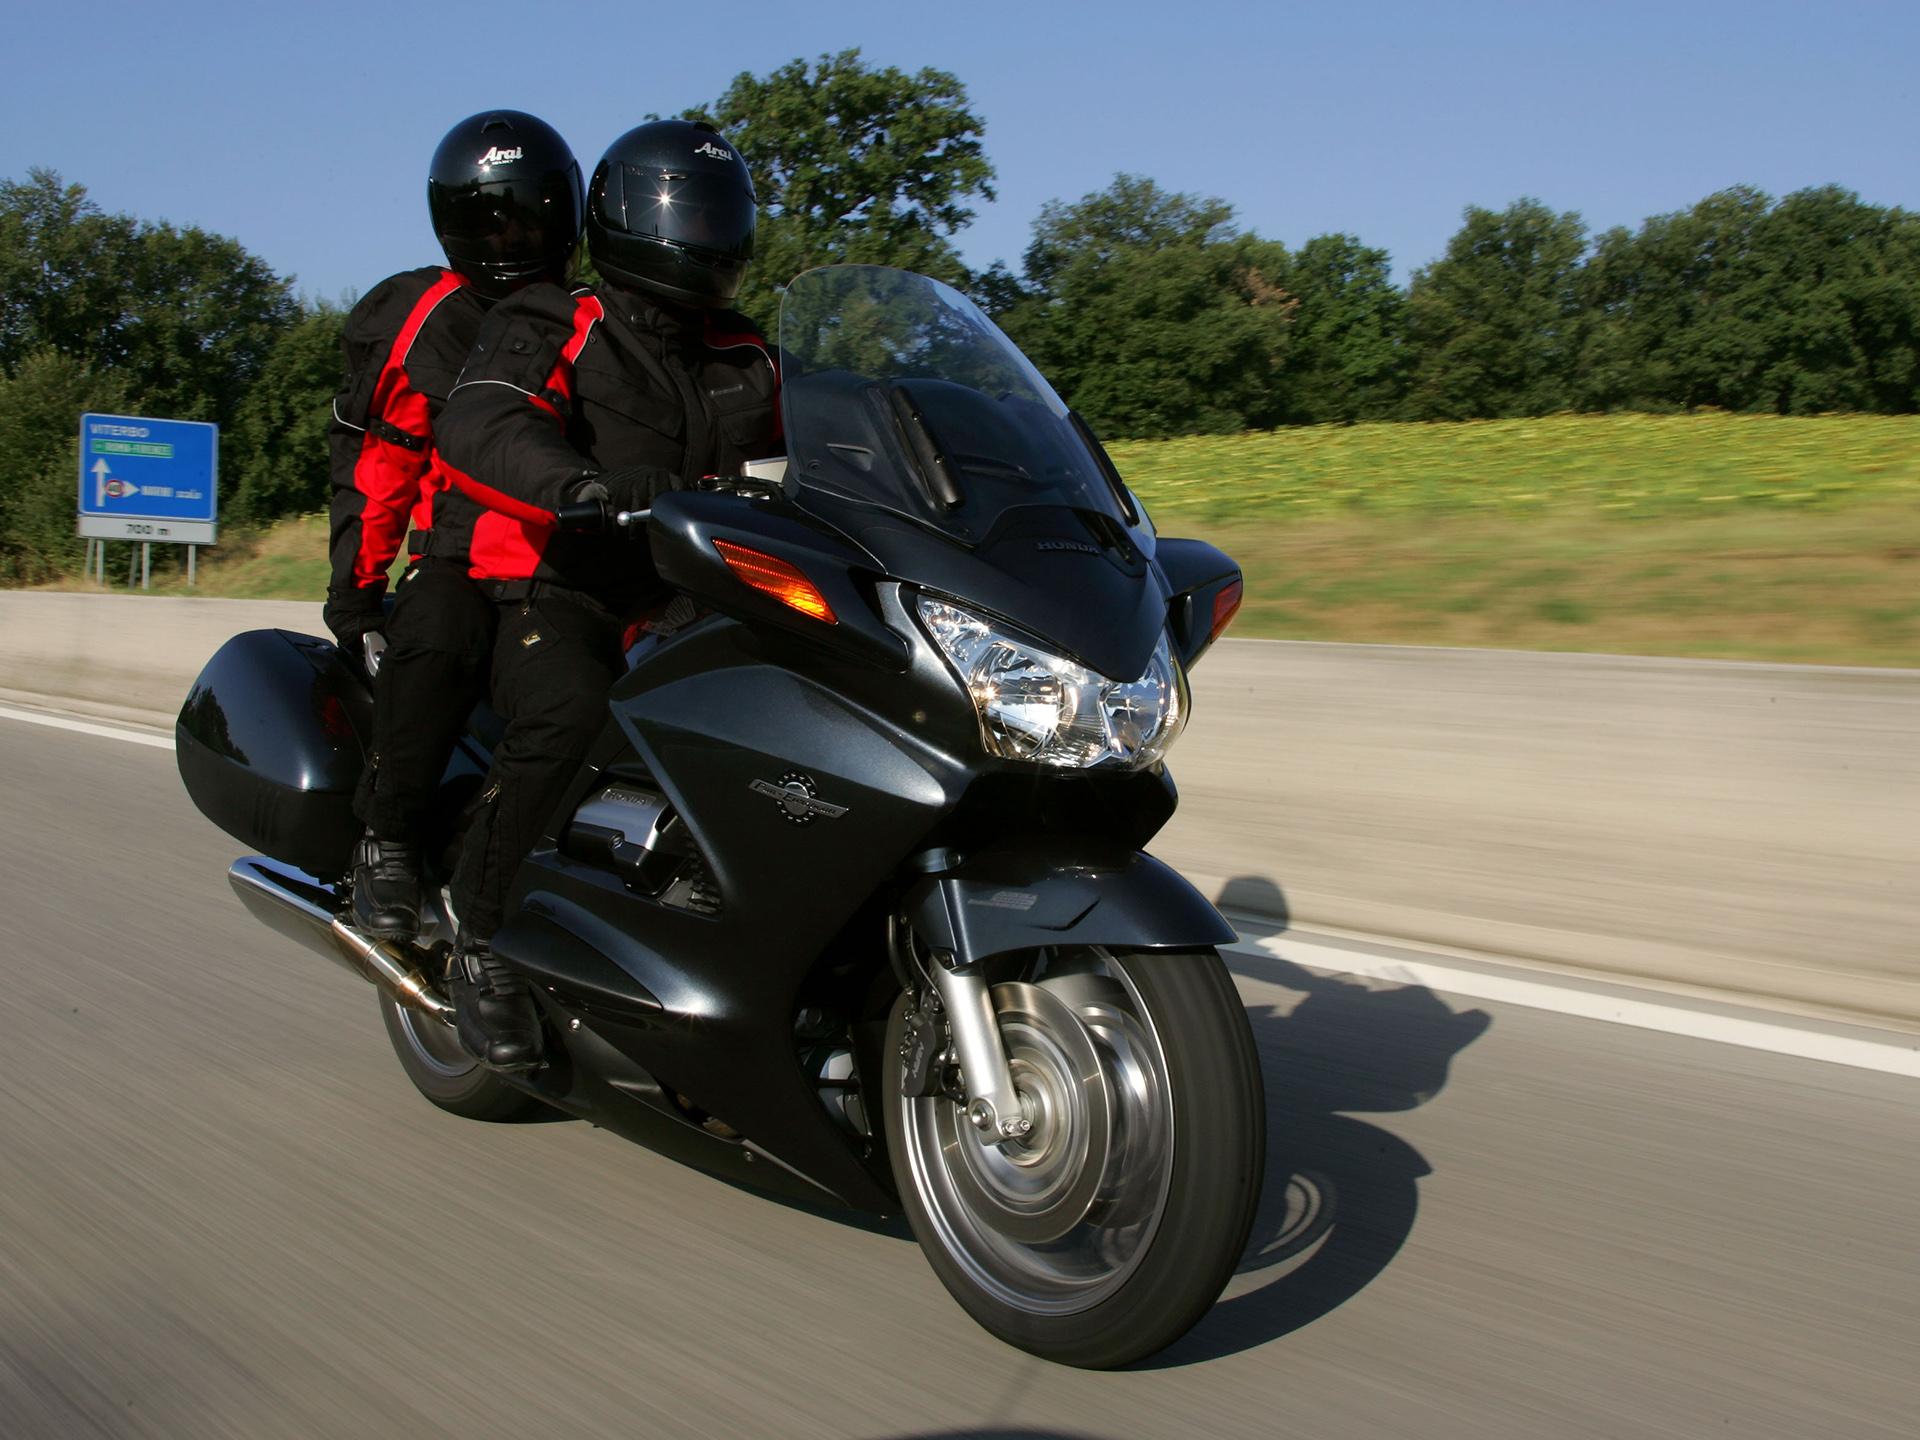 пан европа мотоцикл фото путем смене